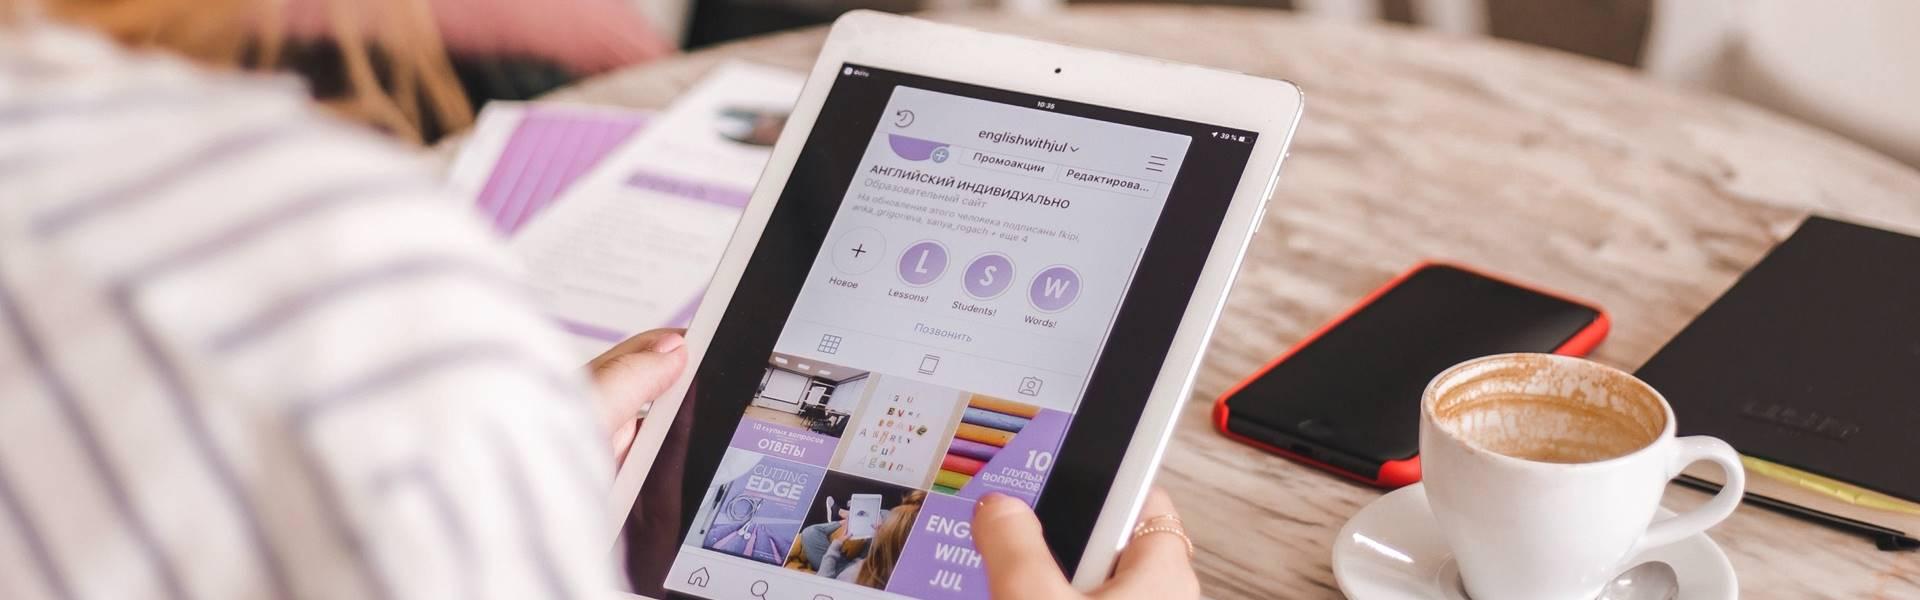 Основные ошибки новичков при выборе онлайн-профессий: что ждет впереди